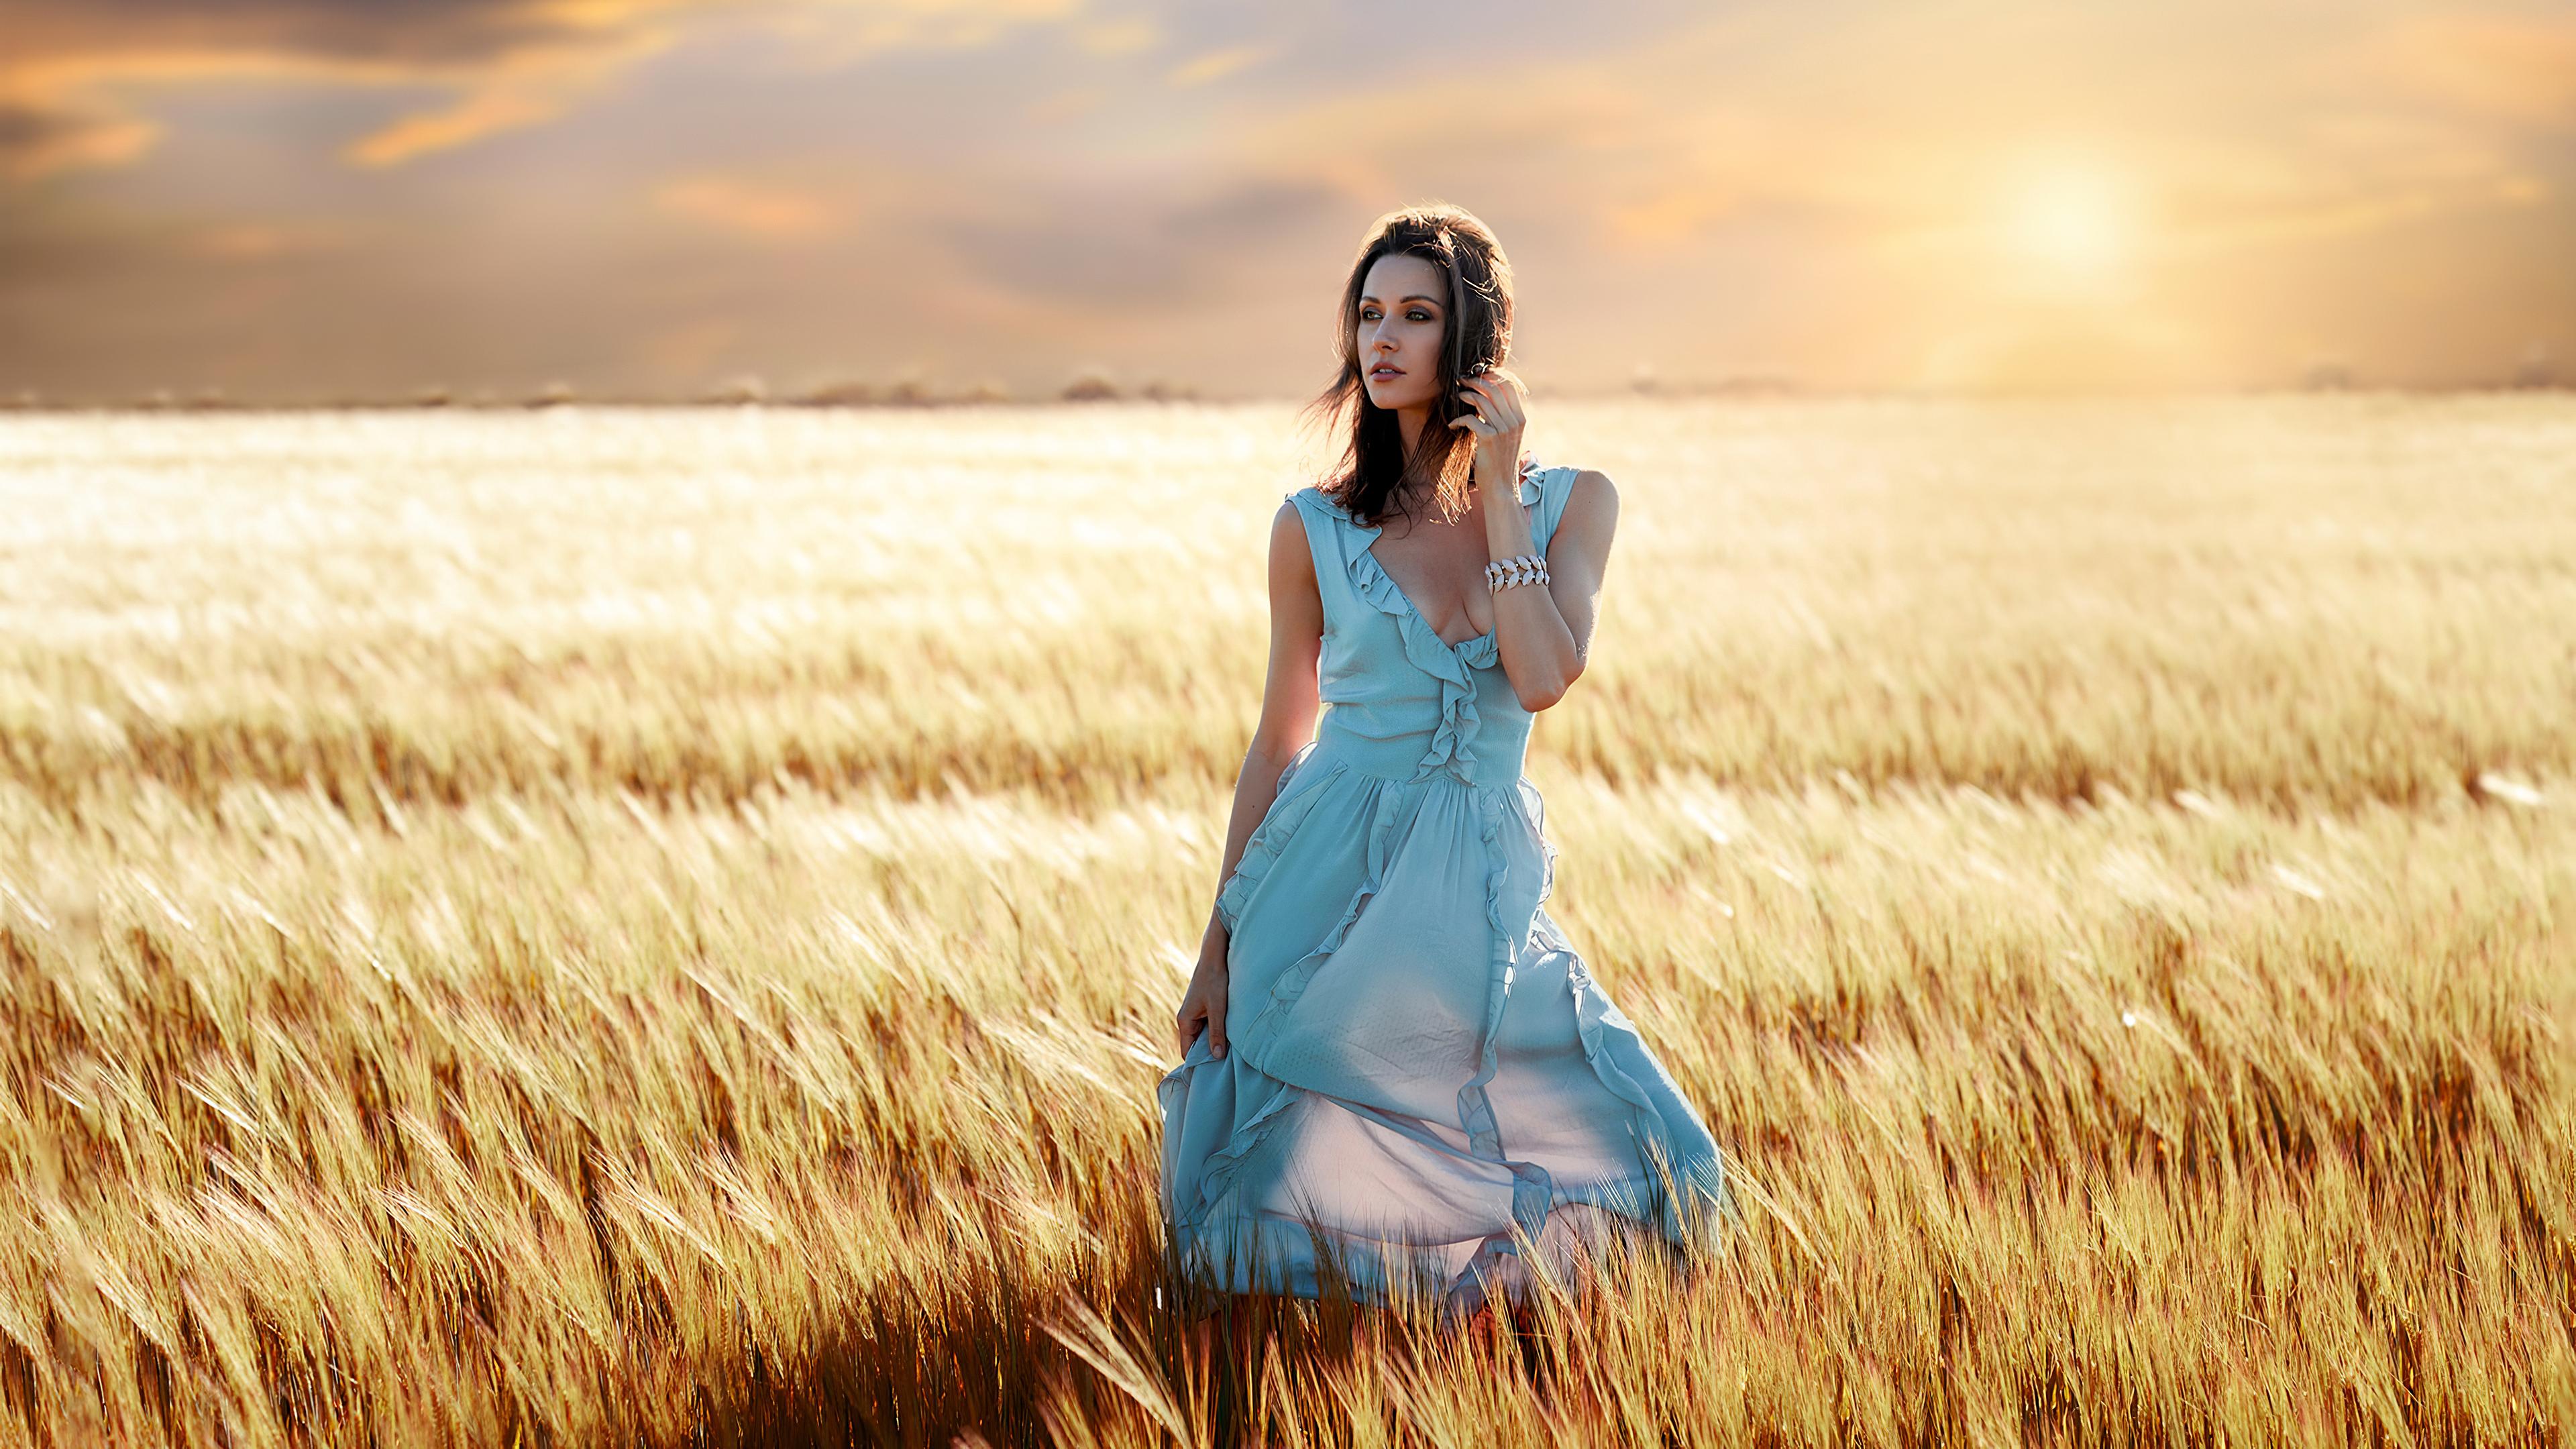 blue dress girl field summers 1575666038 - Blue Dress Girl Field Summers -